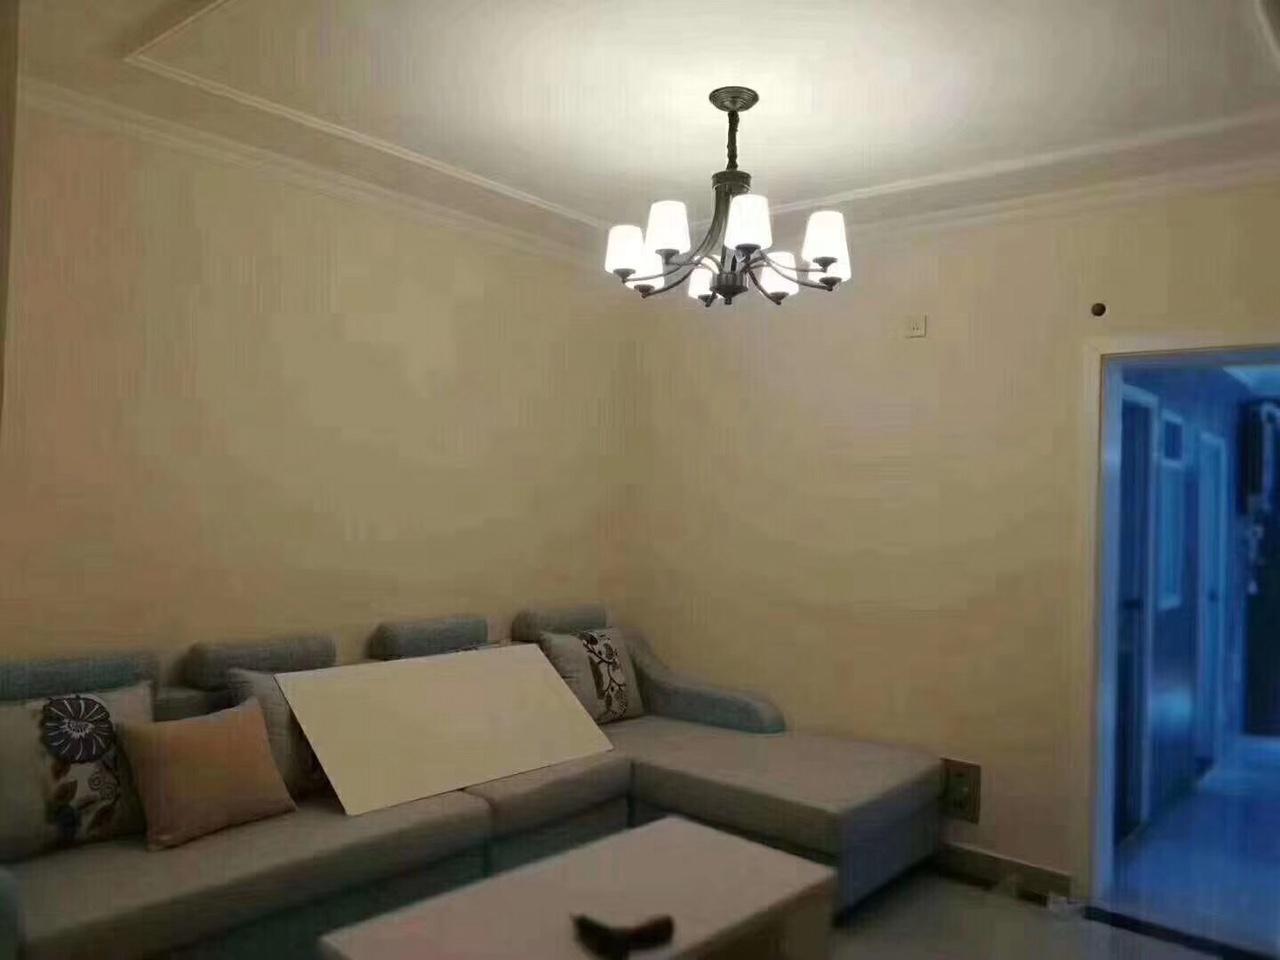 宁馨苑3室 2厅 1卫66.8万元